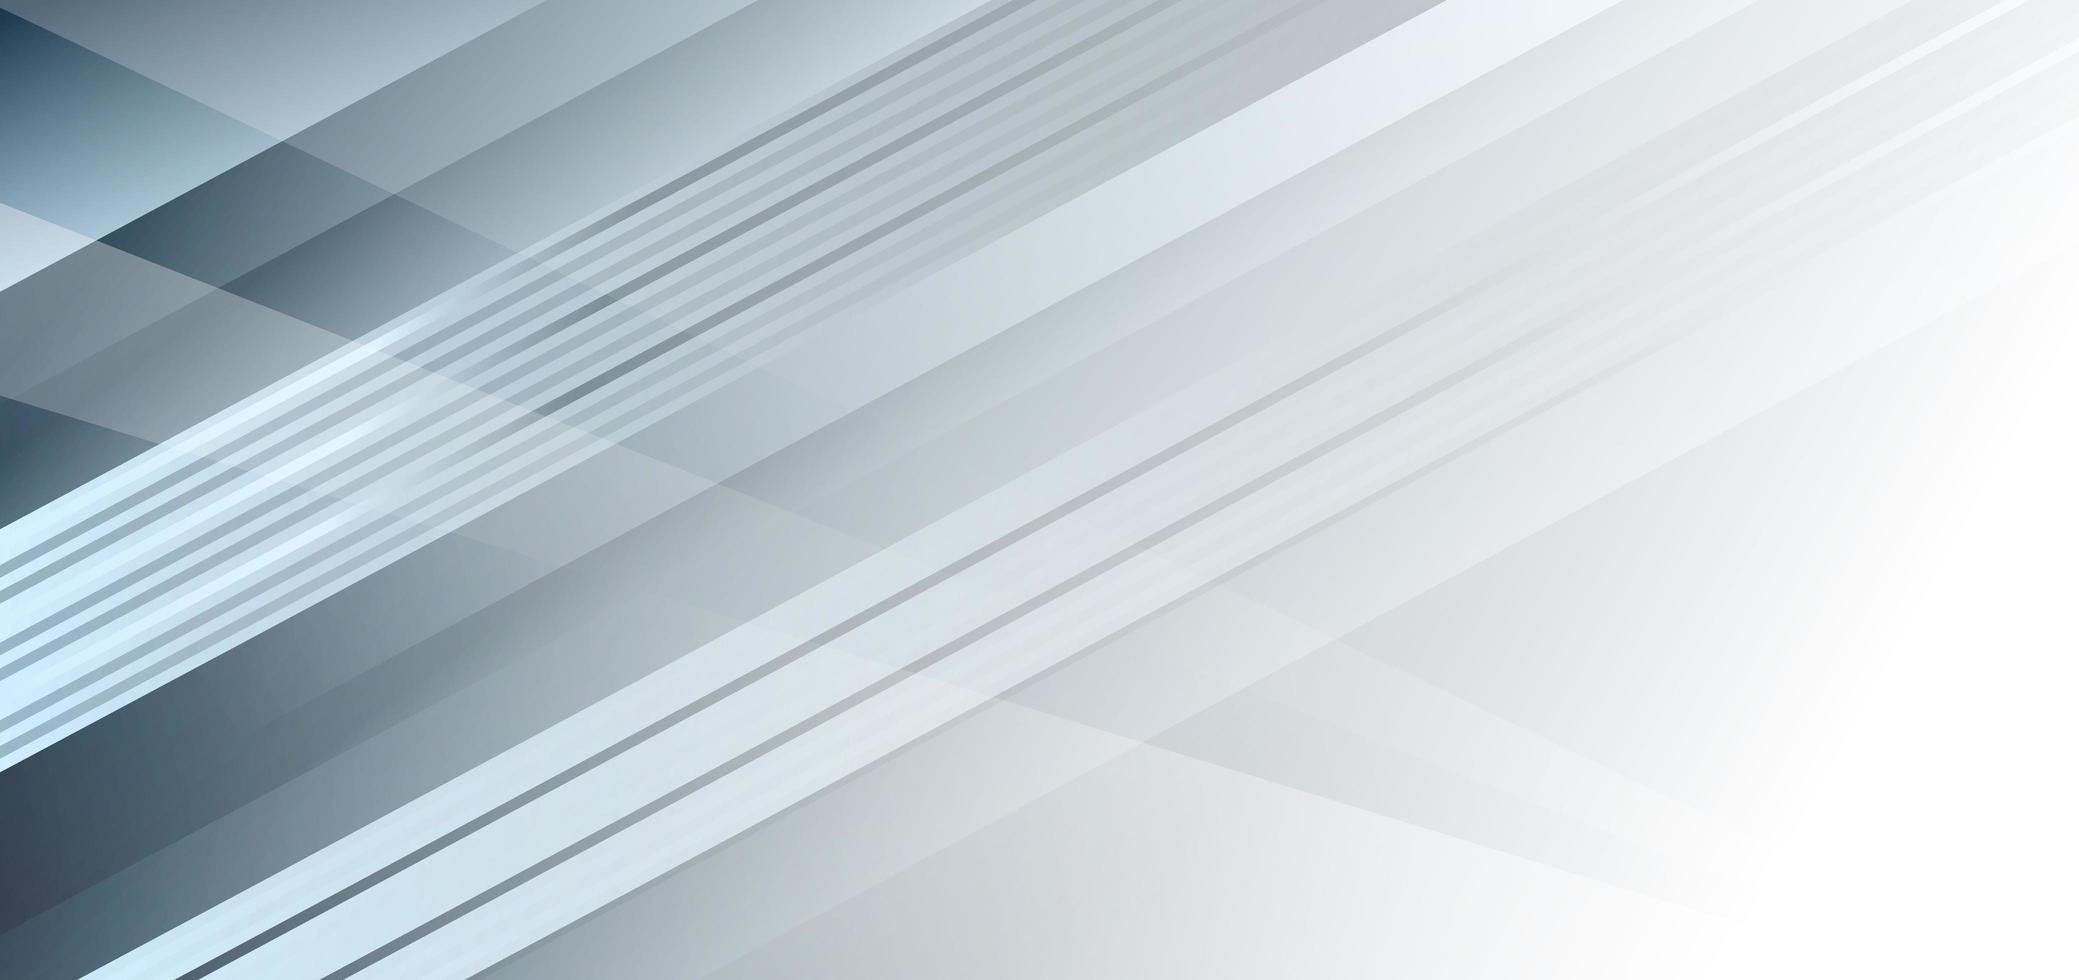 fondo diagonale bianco e grigio geometrico astratto vettore